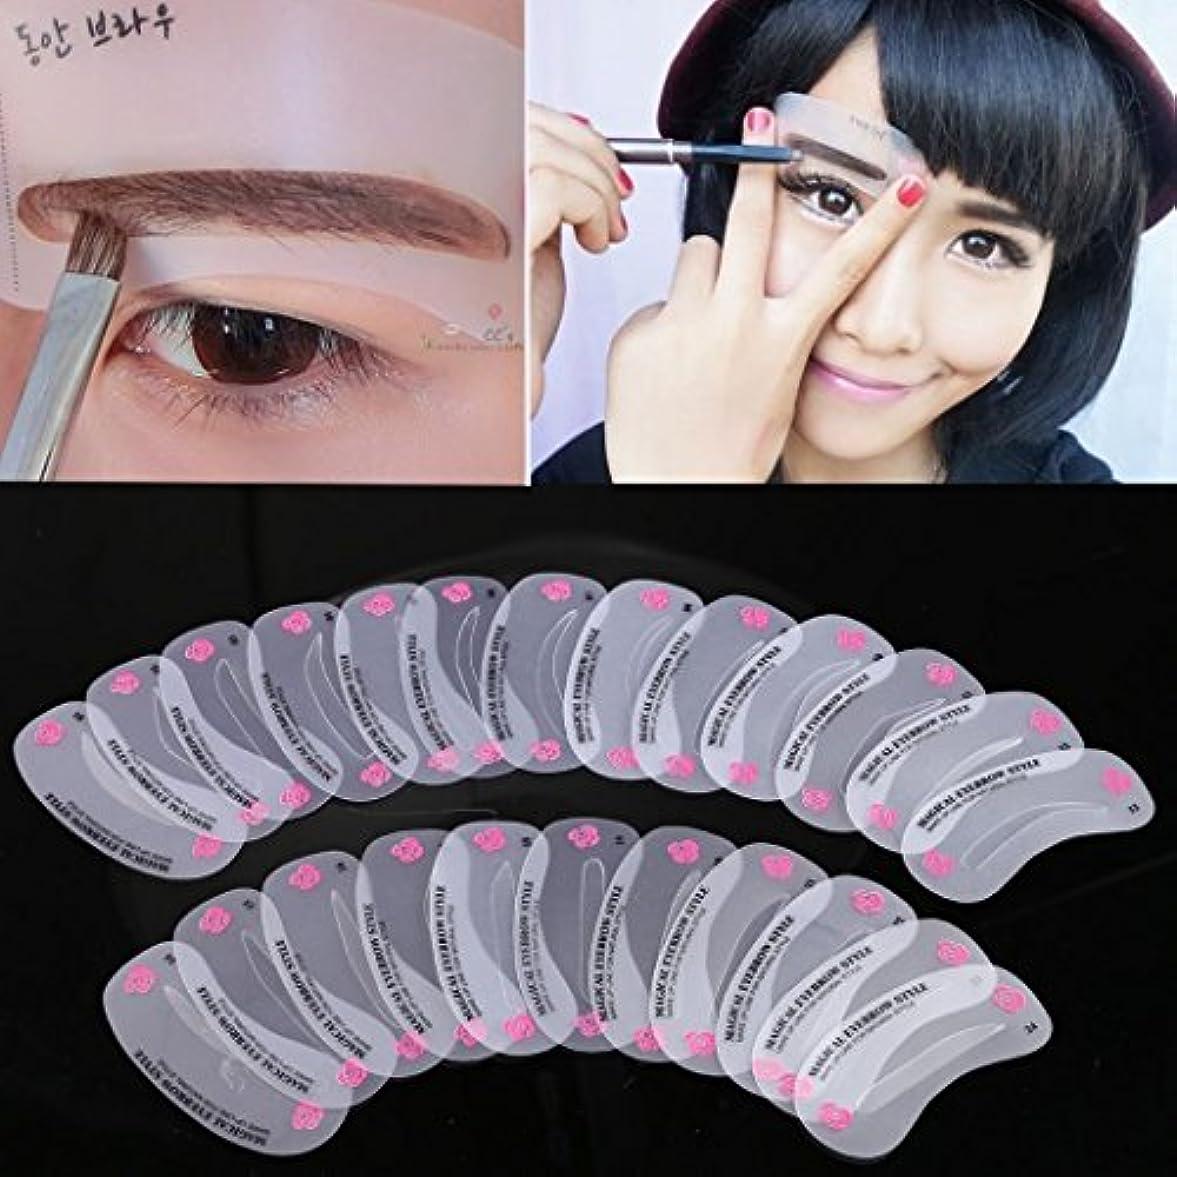 報告書補足チャンバーグルーミングキットセット化粧シェーパー眉ステンシル整形24の異なる眉スタイル